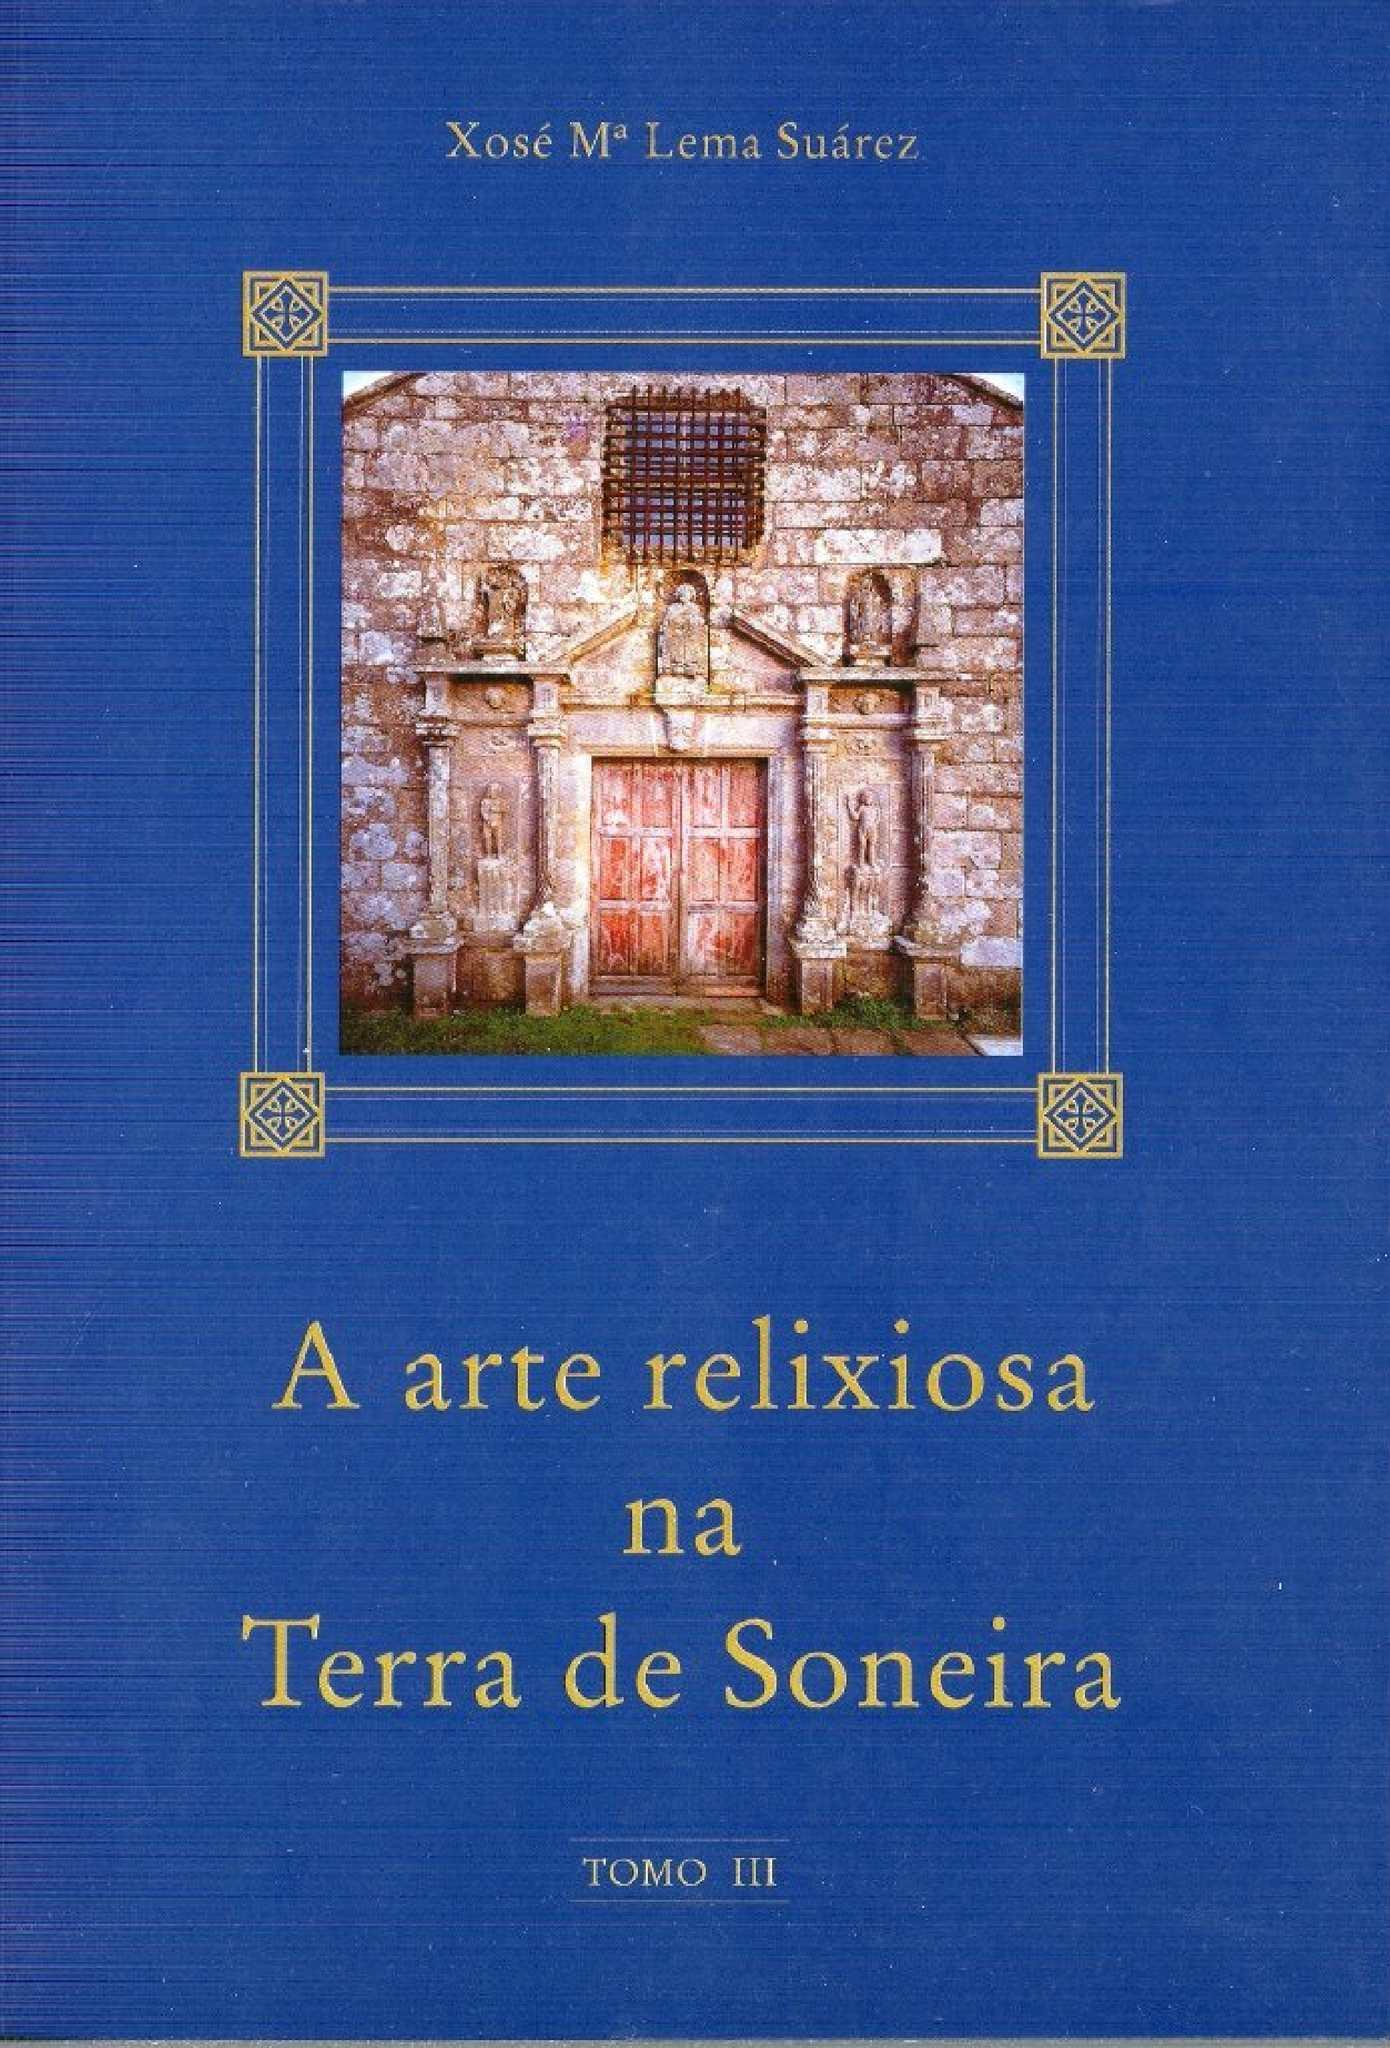 A arte relixiosa na Terra de Soneira (TOMO III)